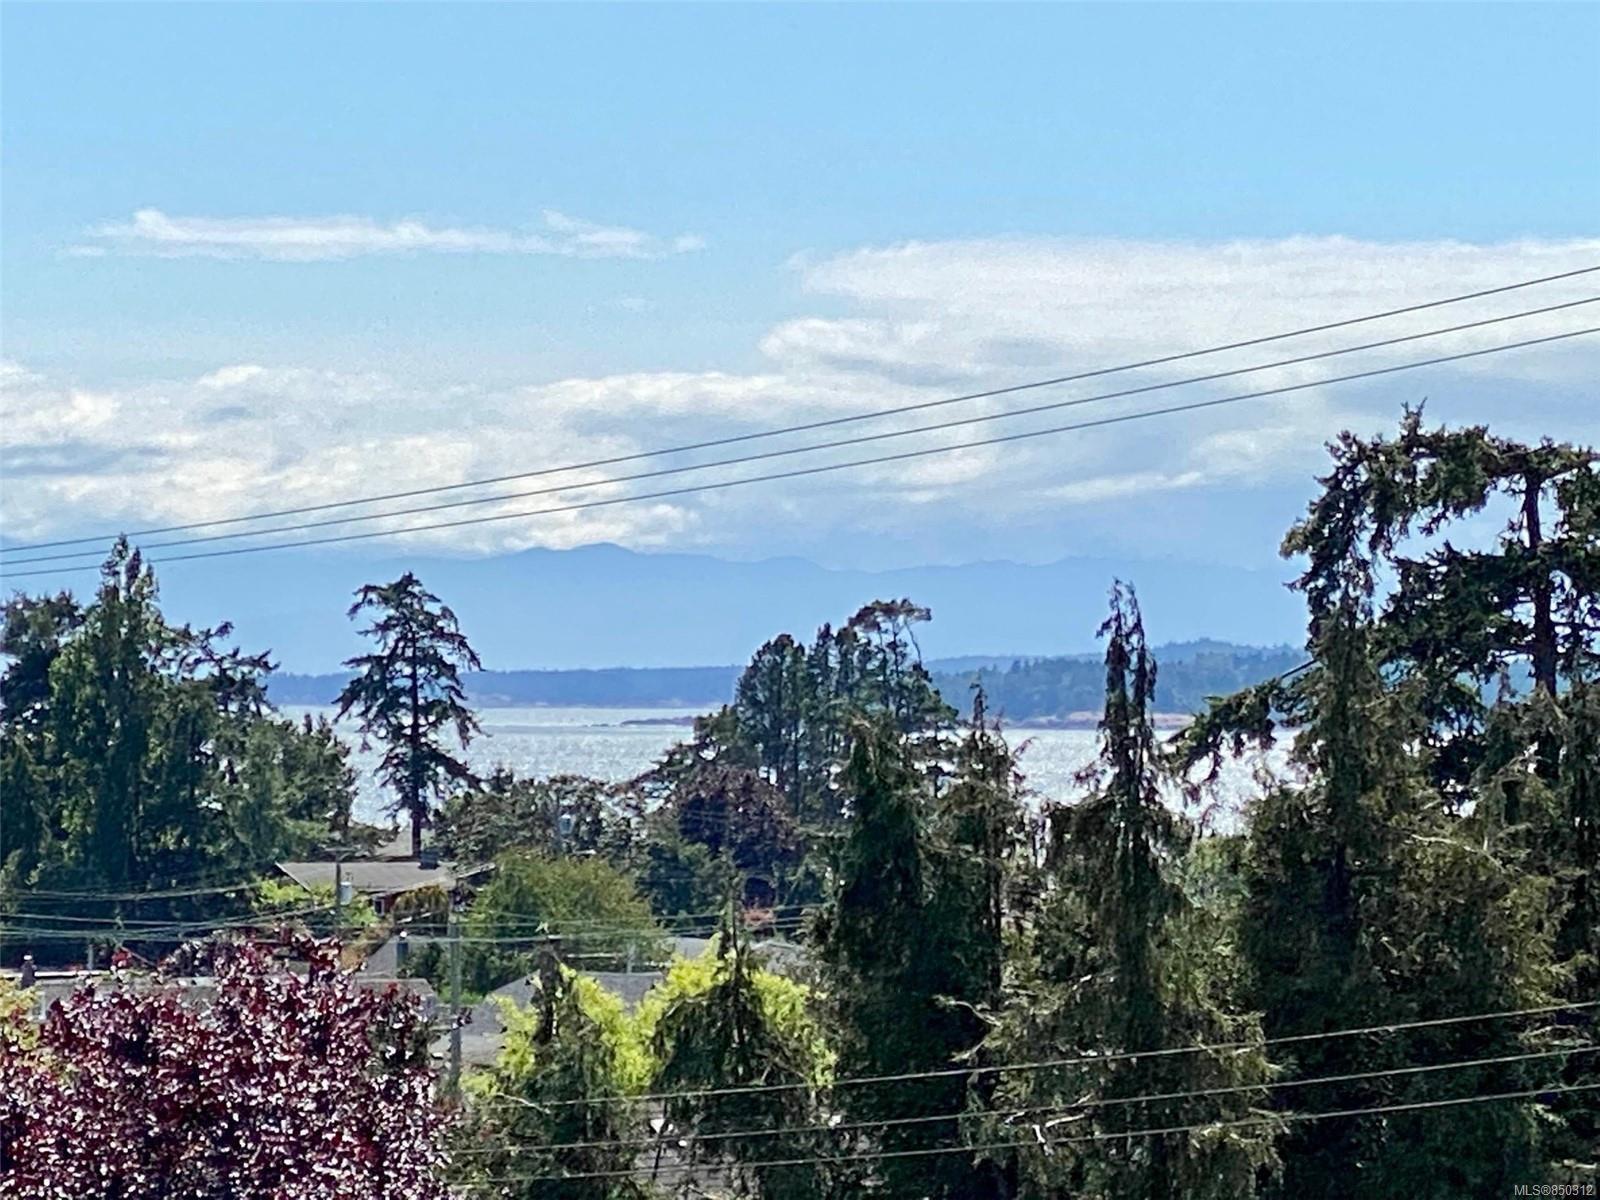 Main Photo: 306 1351 Esquimalt Rd in : Es Saxe Point Condo Apartment for sale (Esquimalt)  : MLS®# 850312